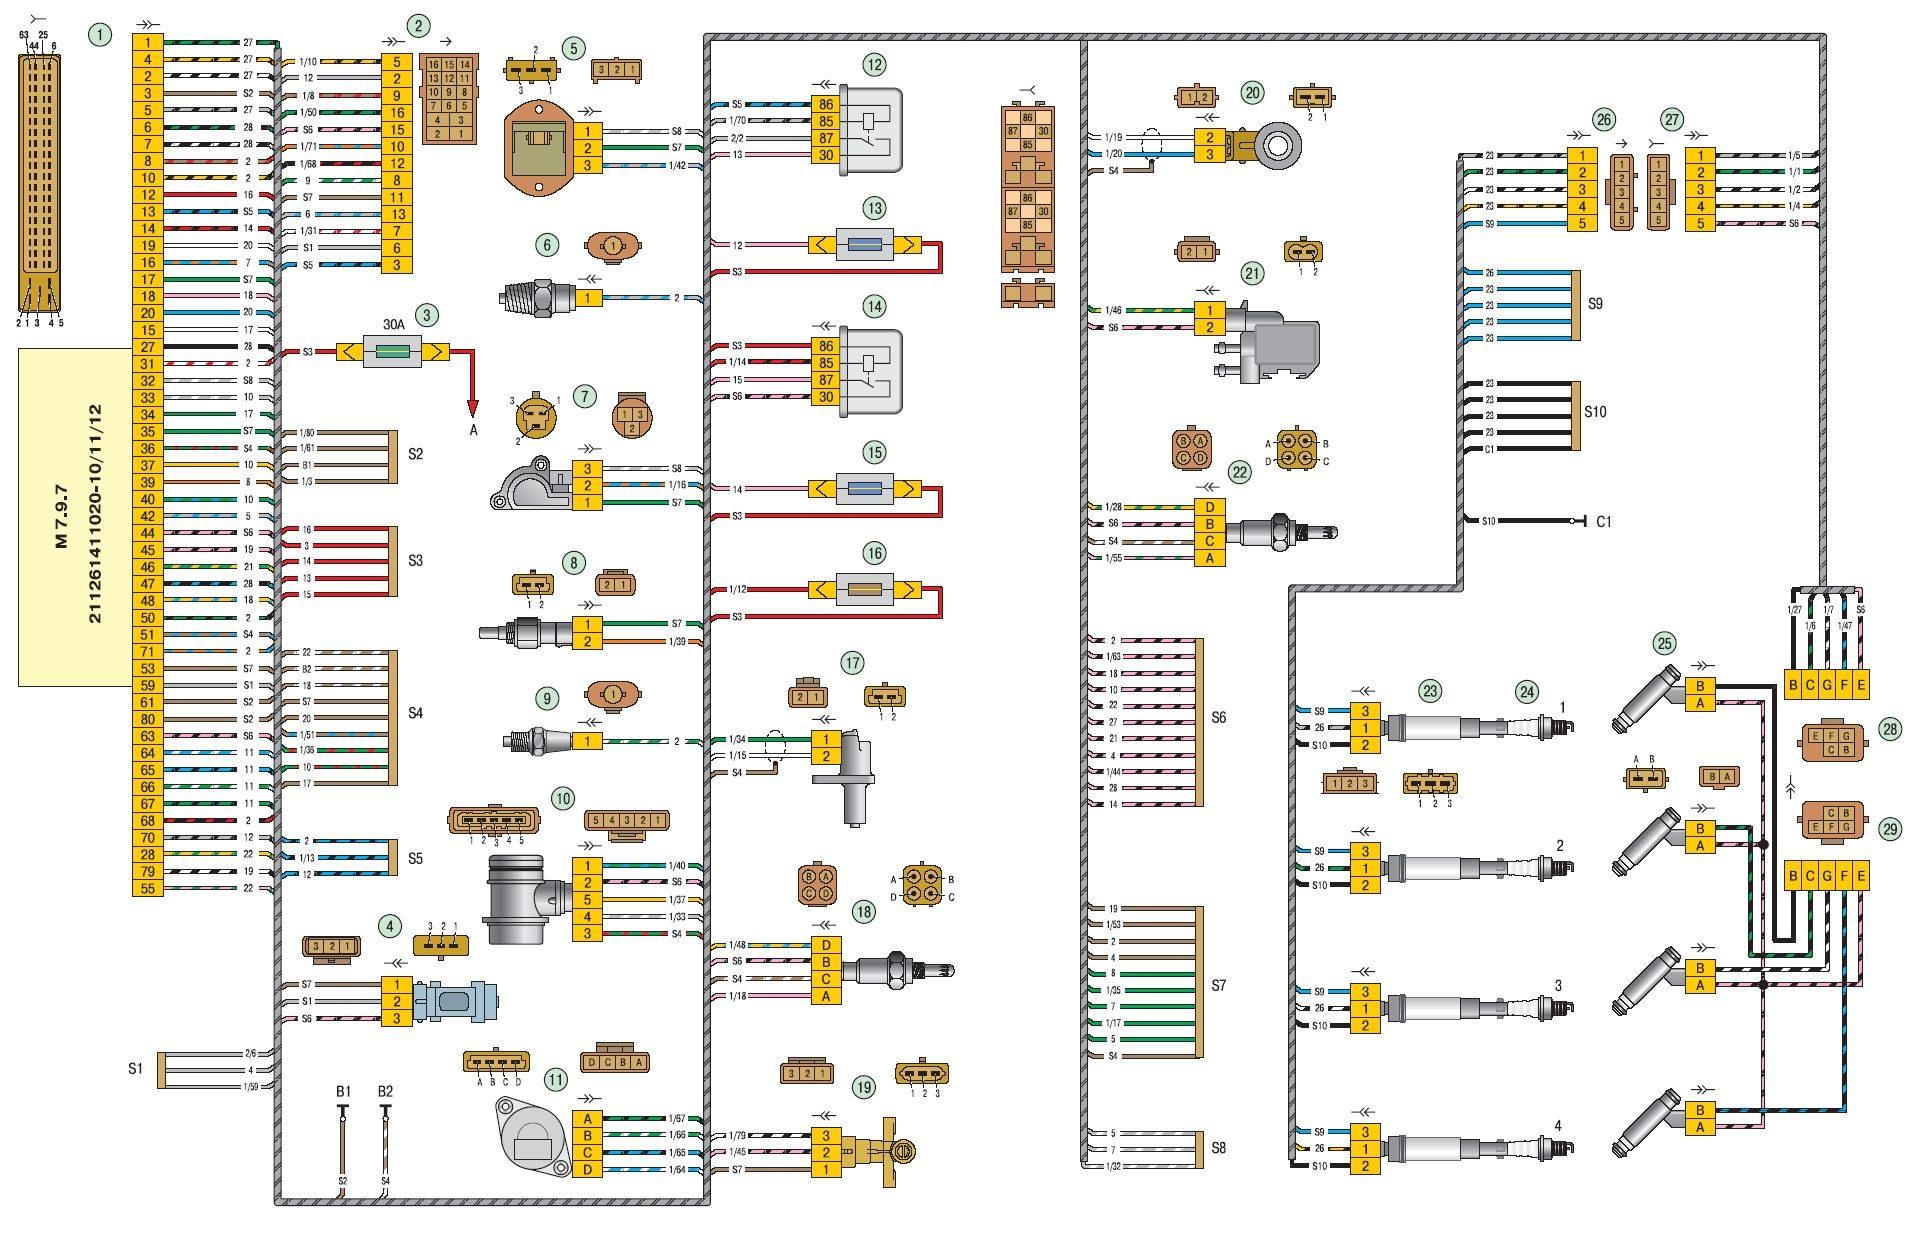 Переключение передач на лада приора схема